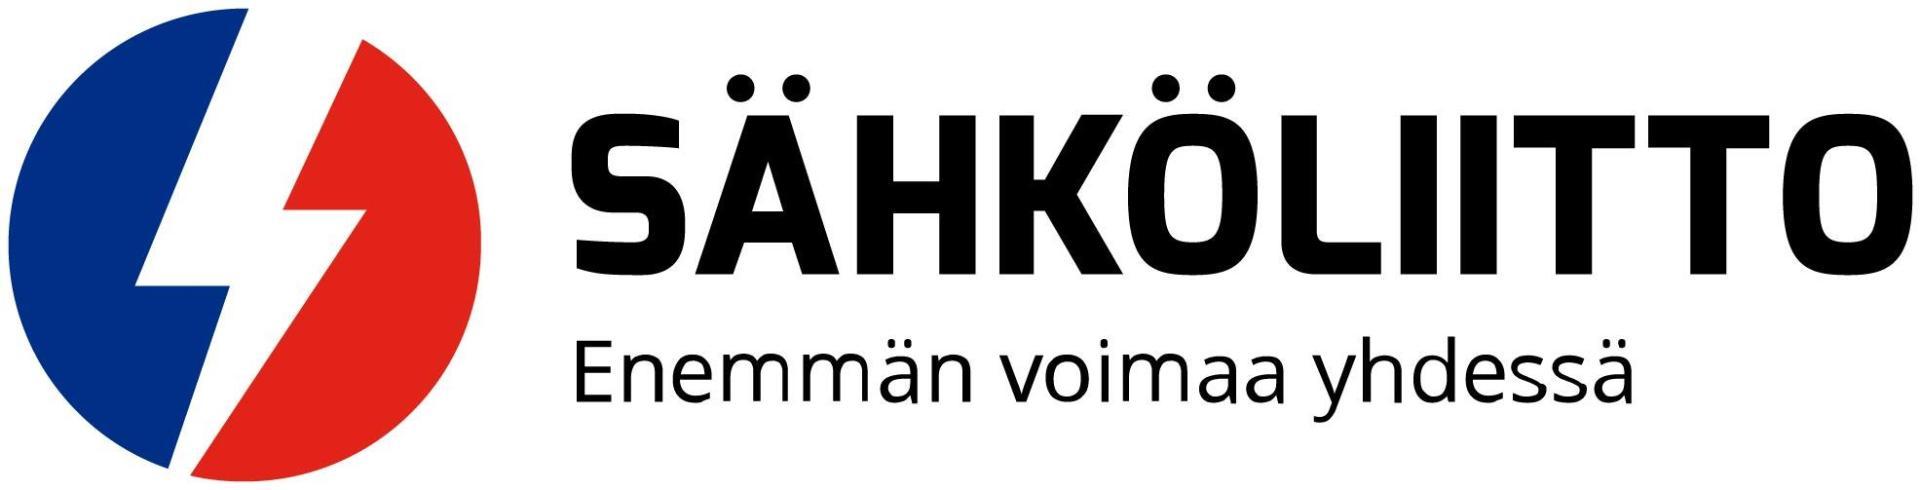 Sähköliiton logo ja slogan